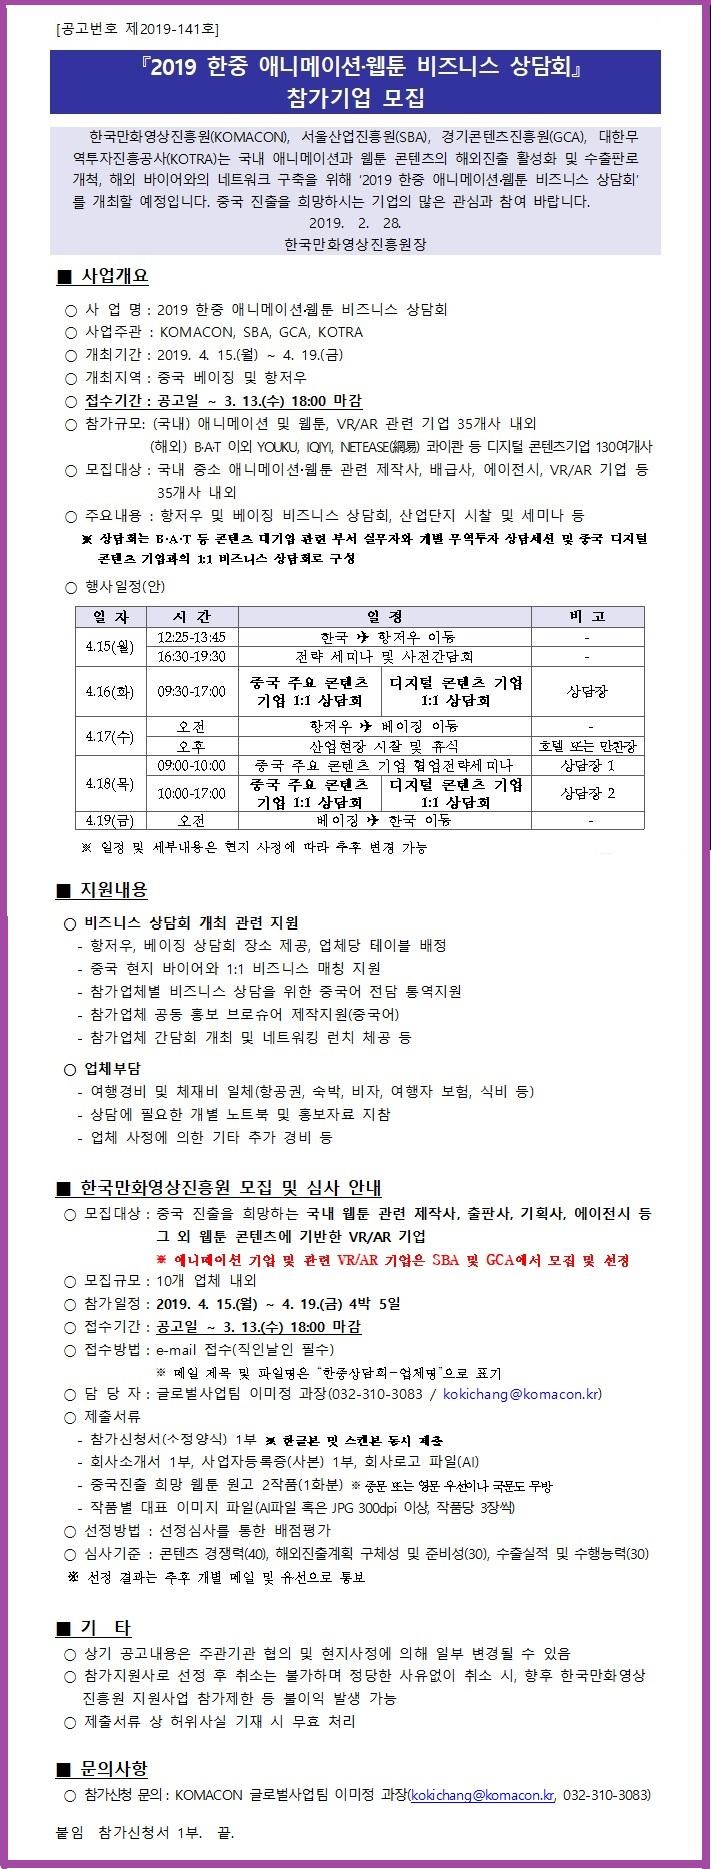 2019 한중 애니메이션-웹툰 비즈니스 상담회 참가기업 모집